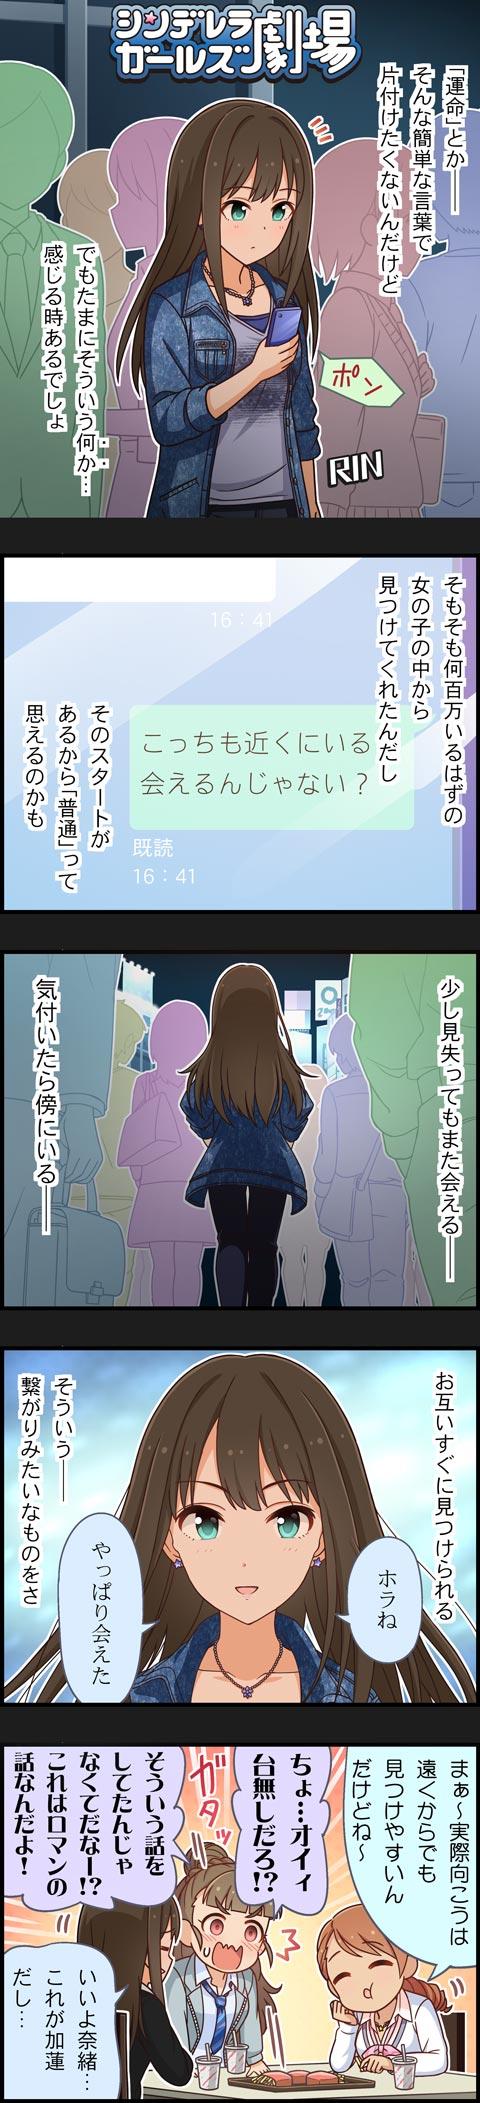 渋谷凛 北条加蓮 神谷奈緒の画像sZiqmMm